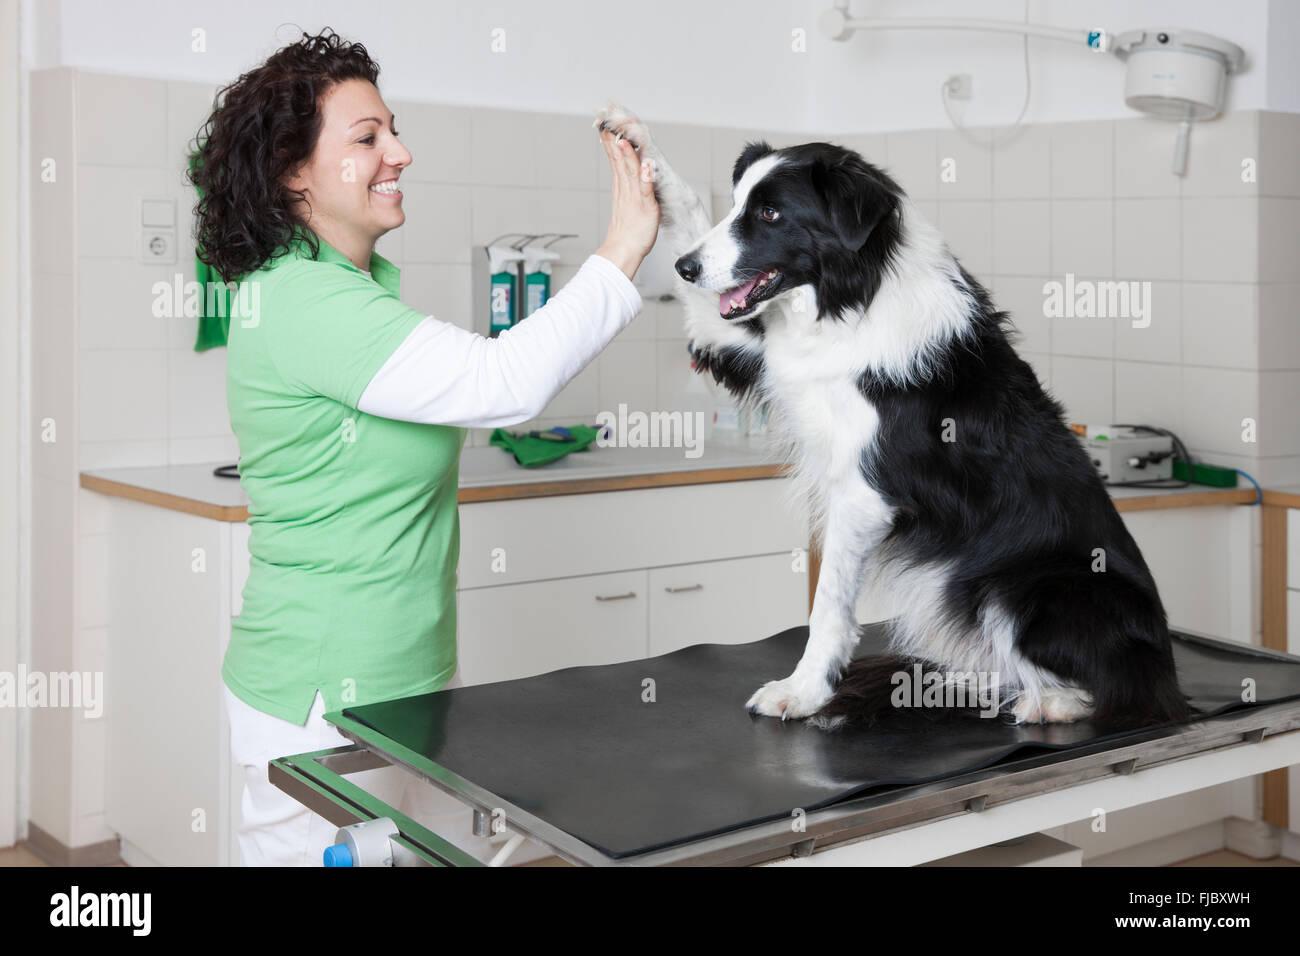 Tierarzt, weibliche Tierarzt tut ein High Five mit Hund, Give me Five, Border Collie Stockbild